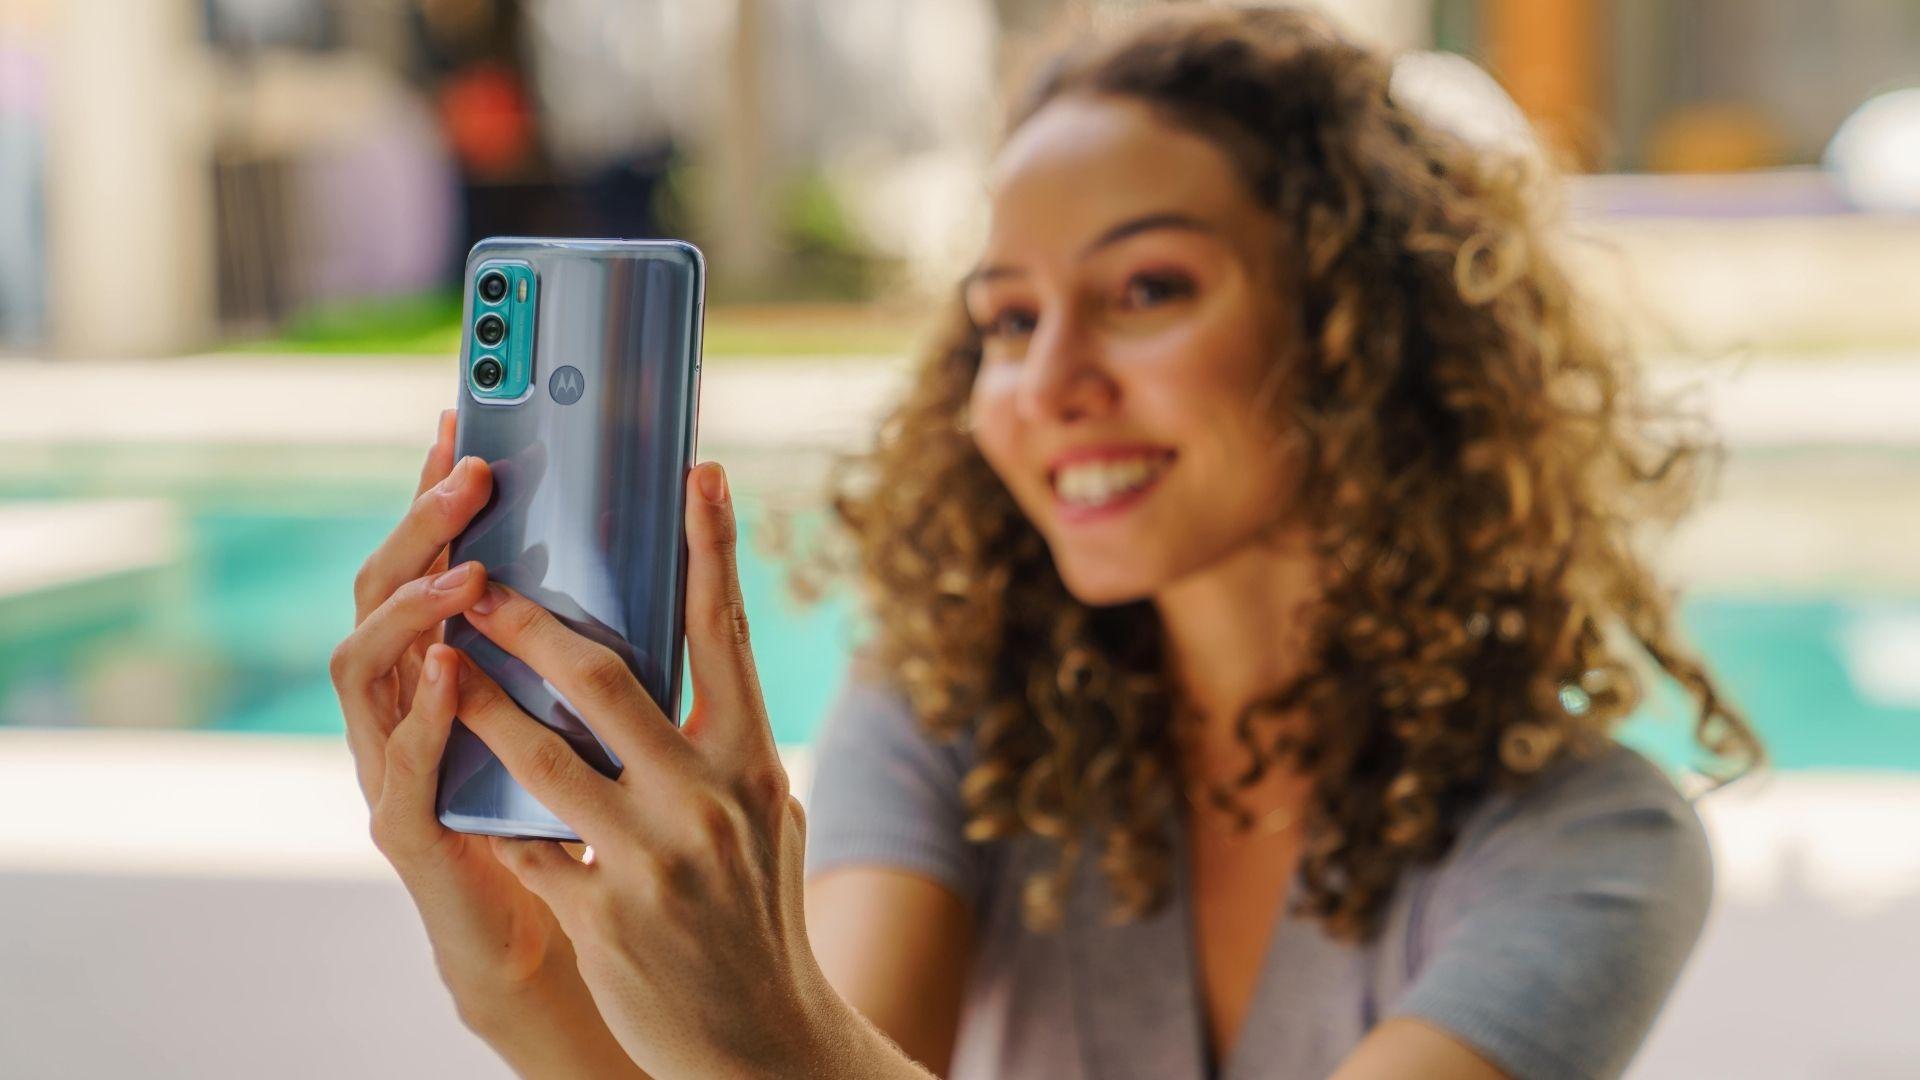 Câmera de selfie do Moto G60 tem flash LED discreto (Foto: Divulgação/Motorola)